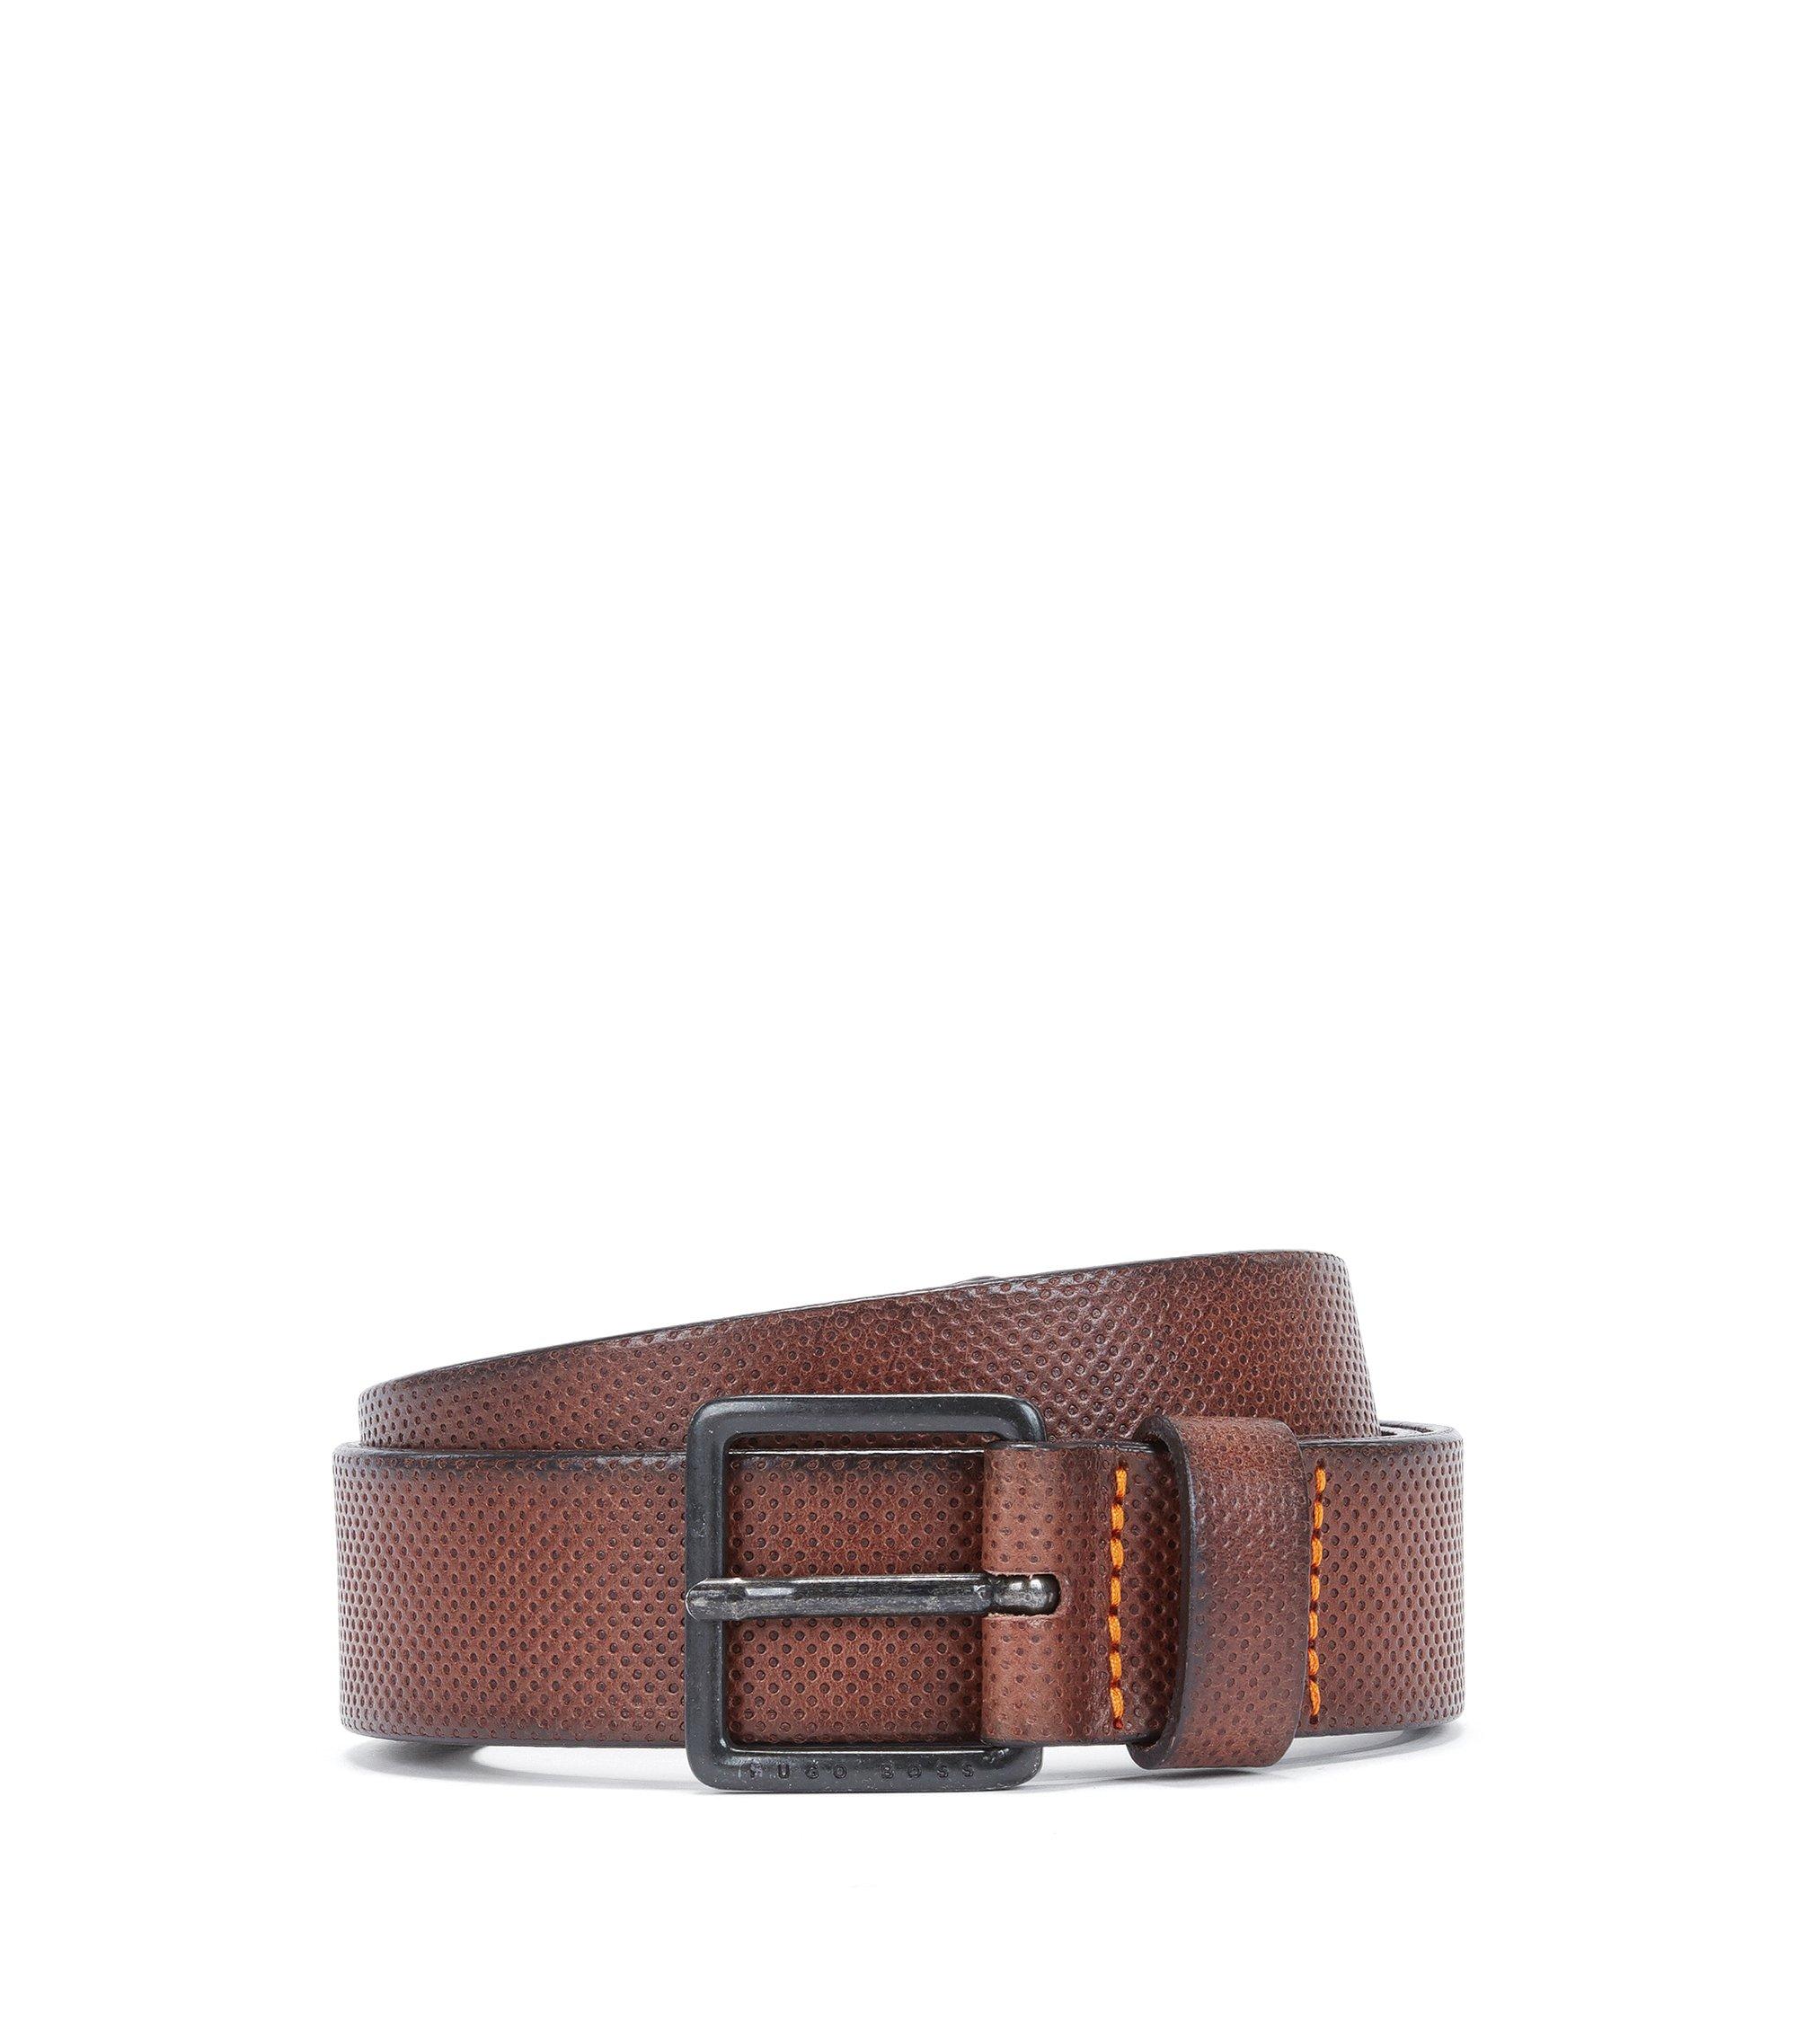 Cintura in pelle goffrata con fibbia in metallo con logo, Marrone scuro